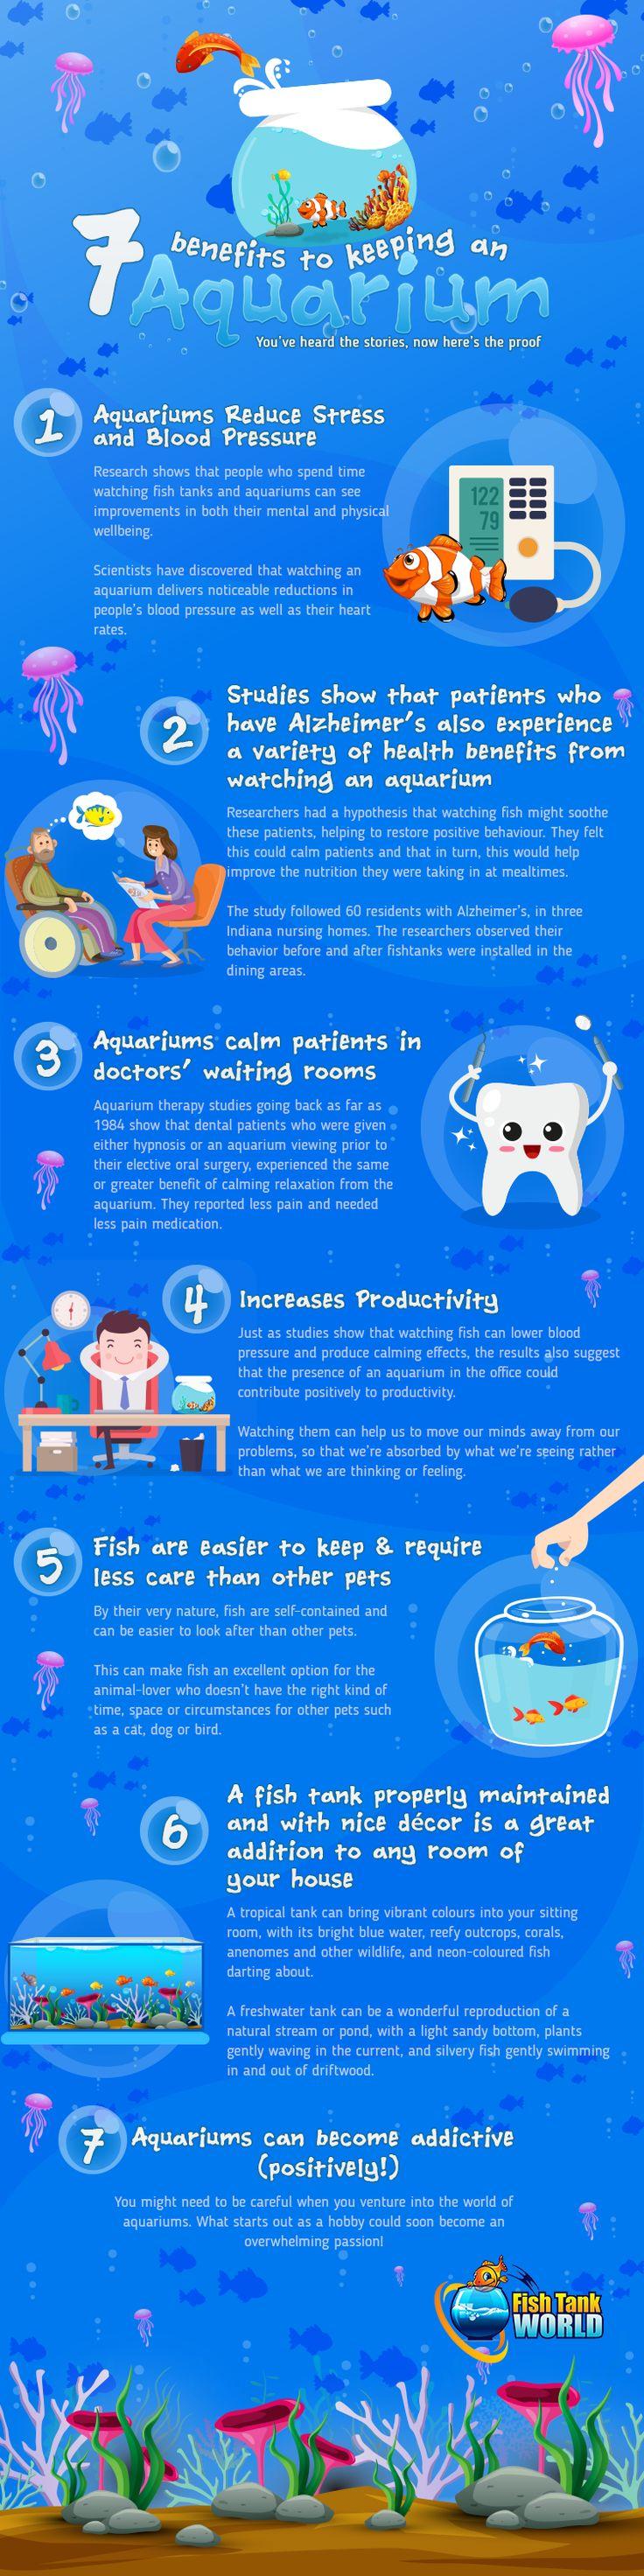 7 benefits to keeping an aquarium